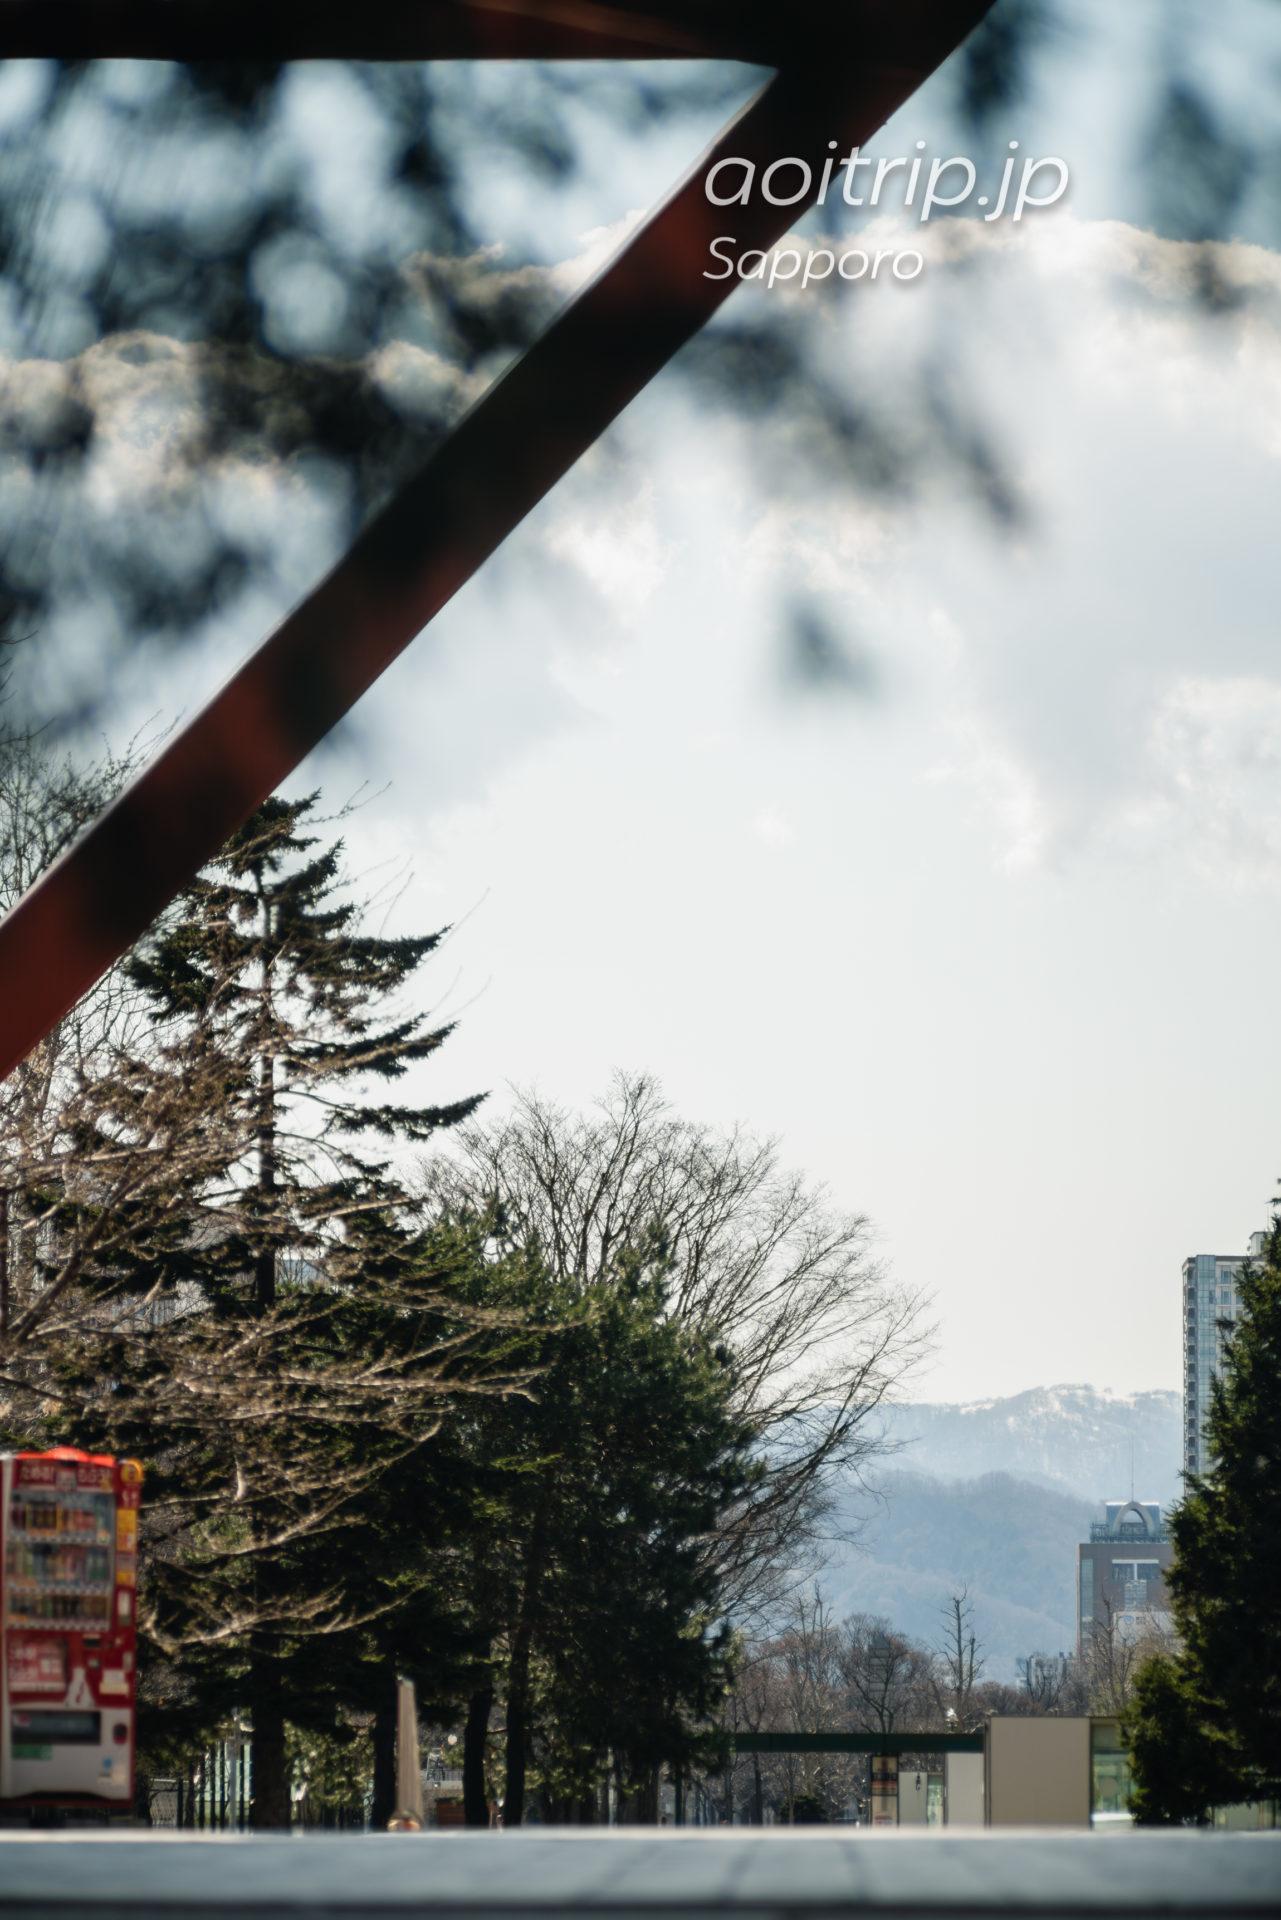 日本光学 Nikon Nikkor-Q・C 135mm F3.5の作例 さっぽろテレビ塔の鉄骨越しの札幌大通り公園